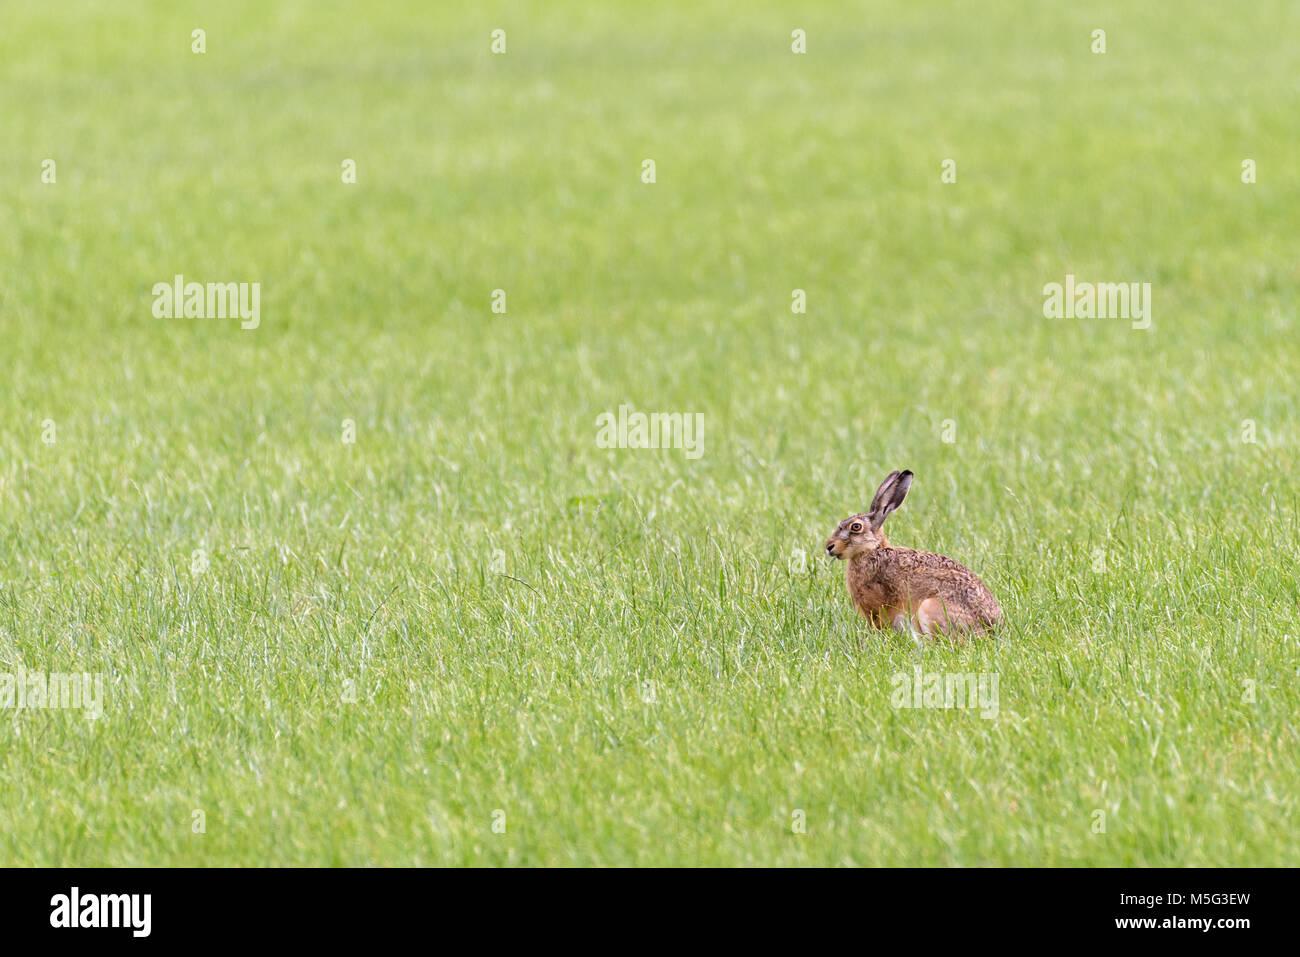 Eine europäische Hase sitzt in einem offenen Feld und ist das Essen aus dem Gras. Stockbild